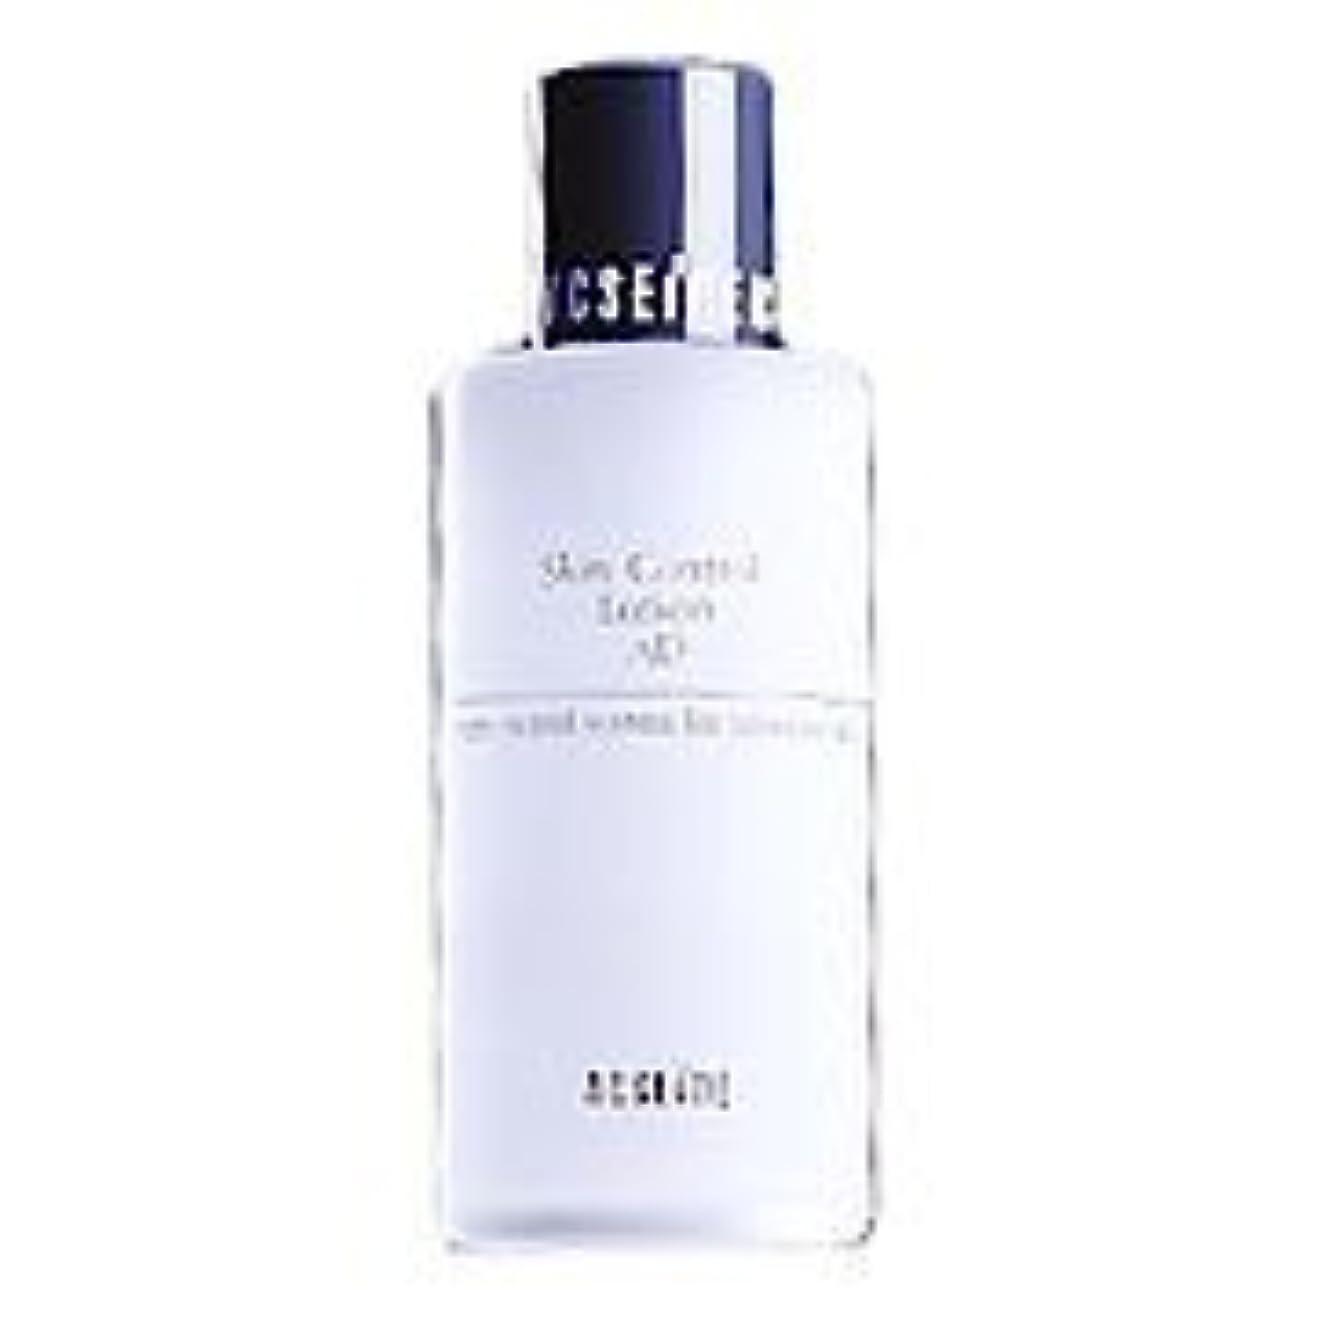 味付け調整可能有名なアクセーヌ AD コントロール ローション 化粧水 120ml